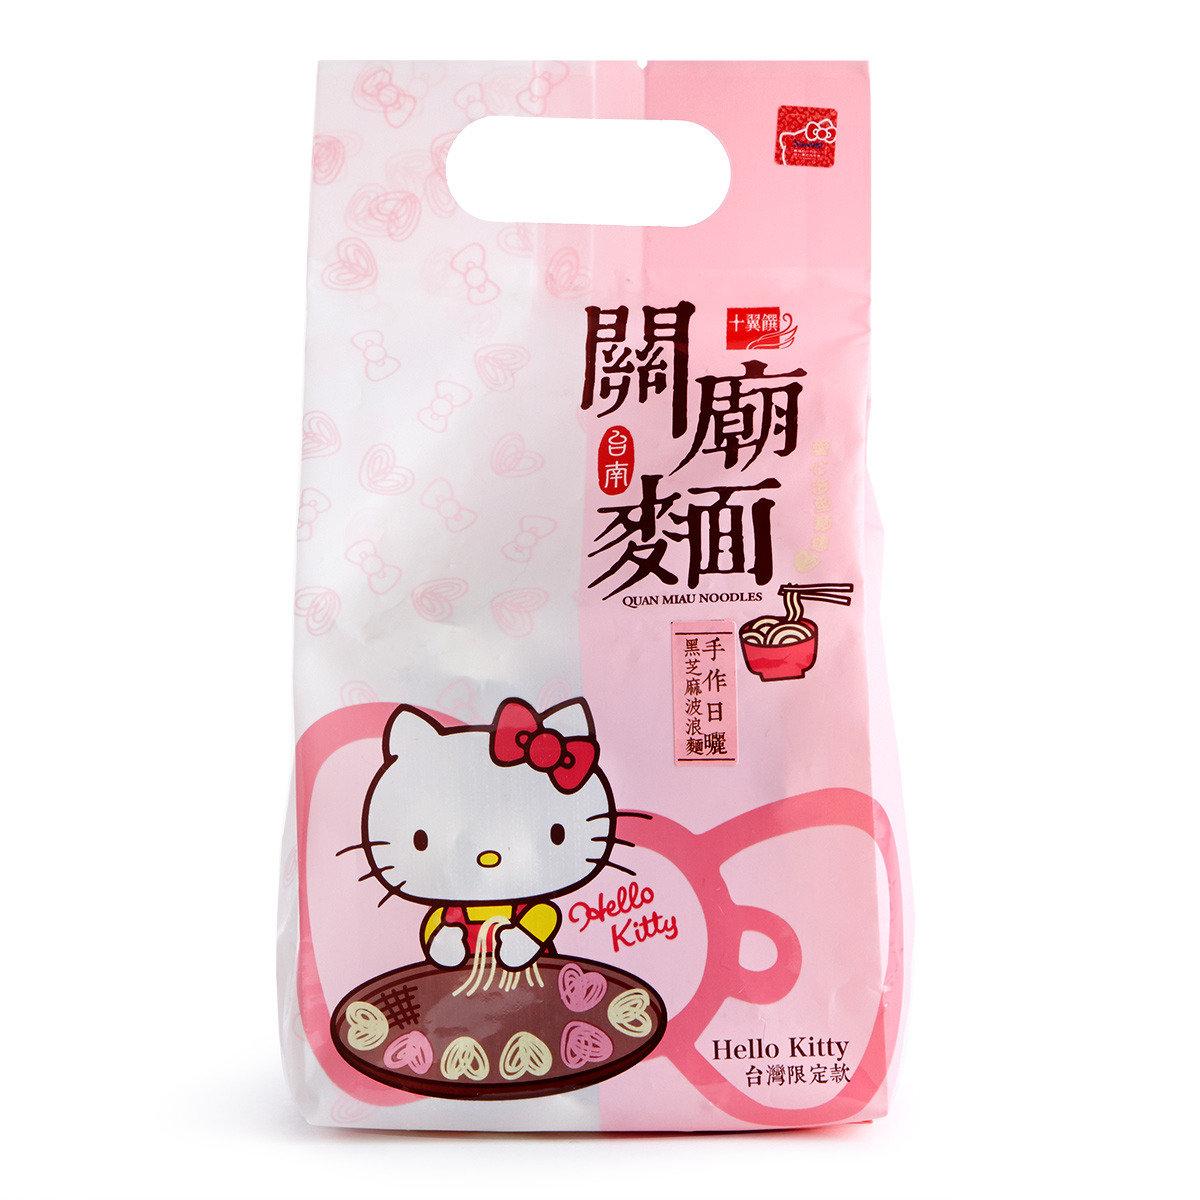 Hello Kitty台南黑芝麻關廟麵